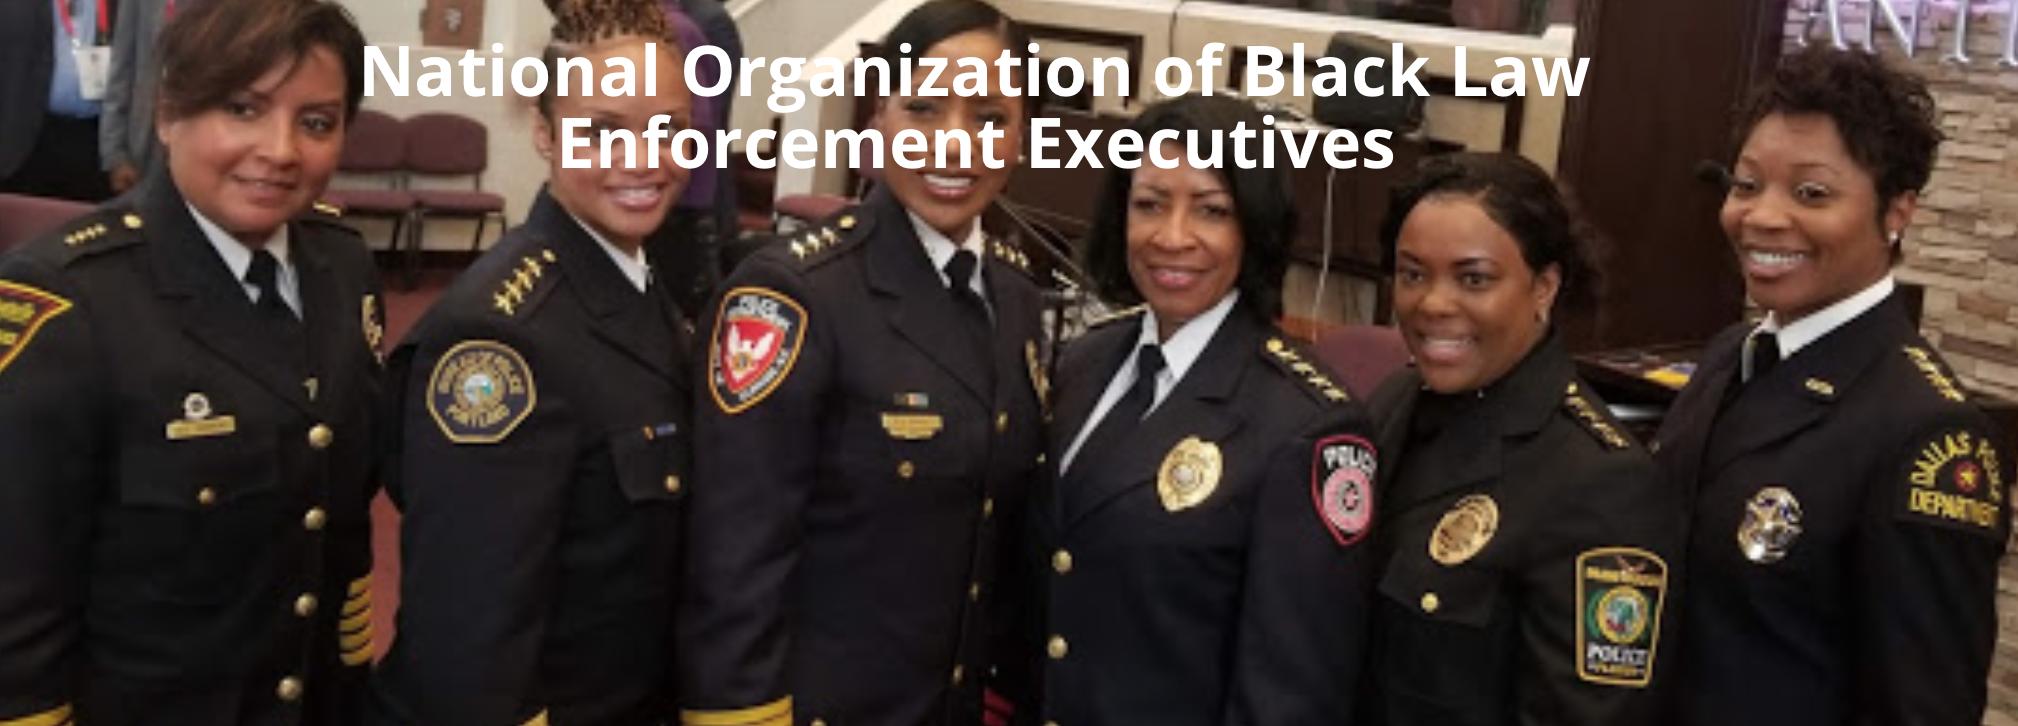 Diversity law enforcement essay